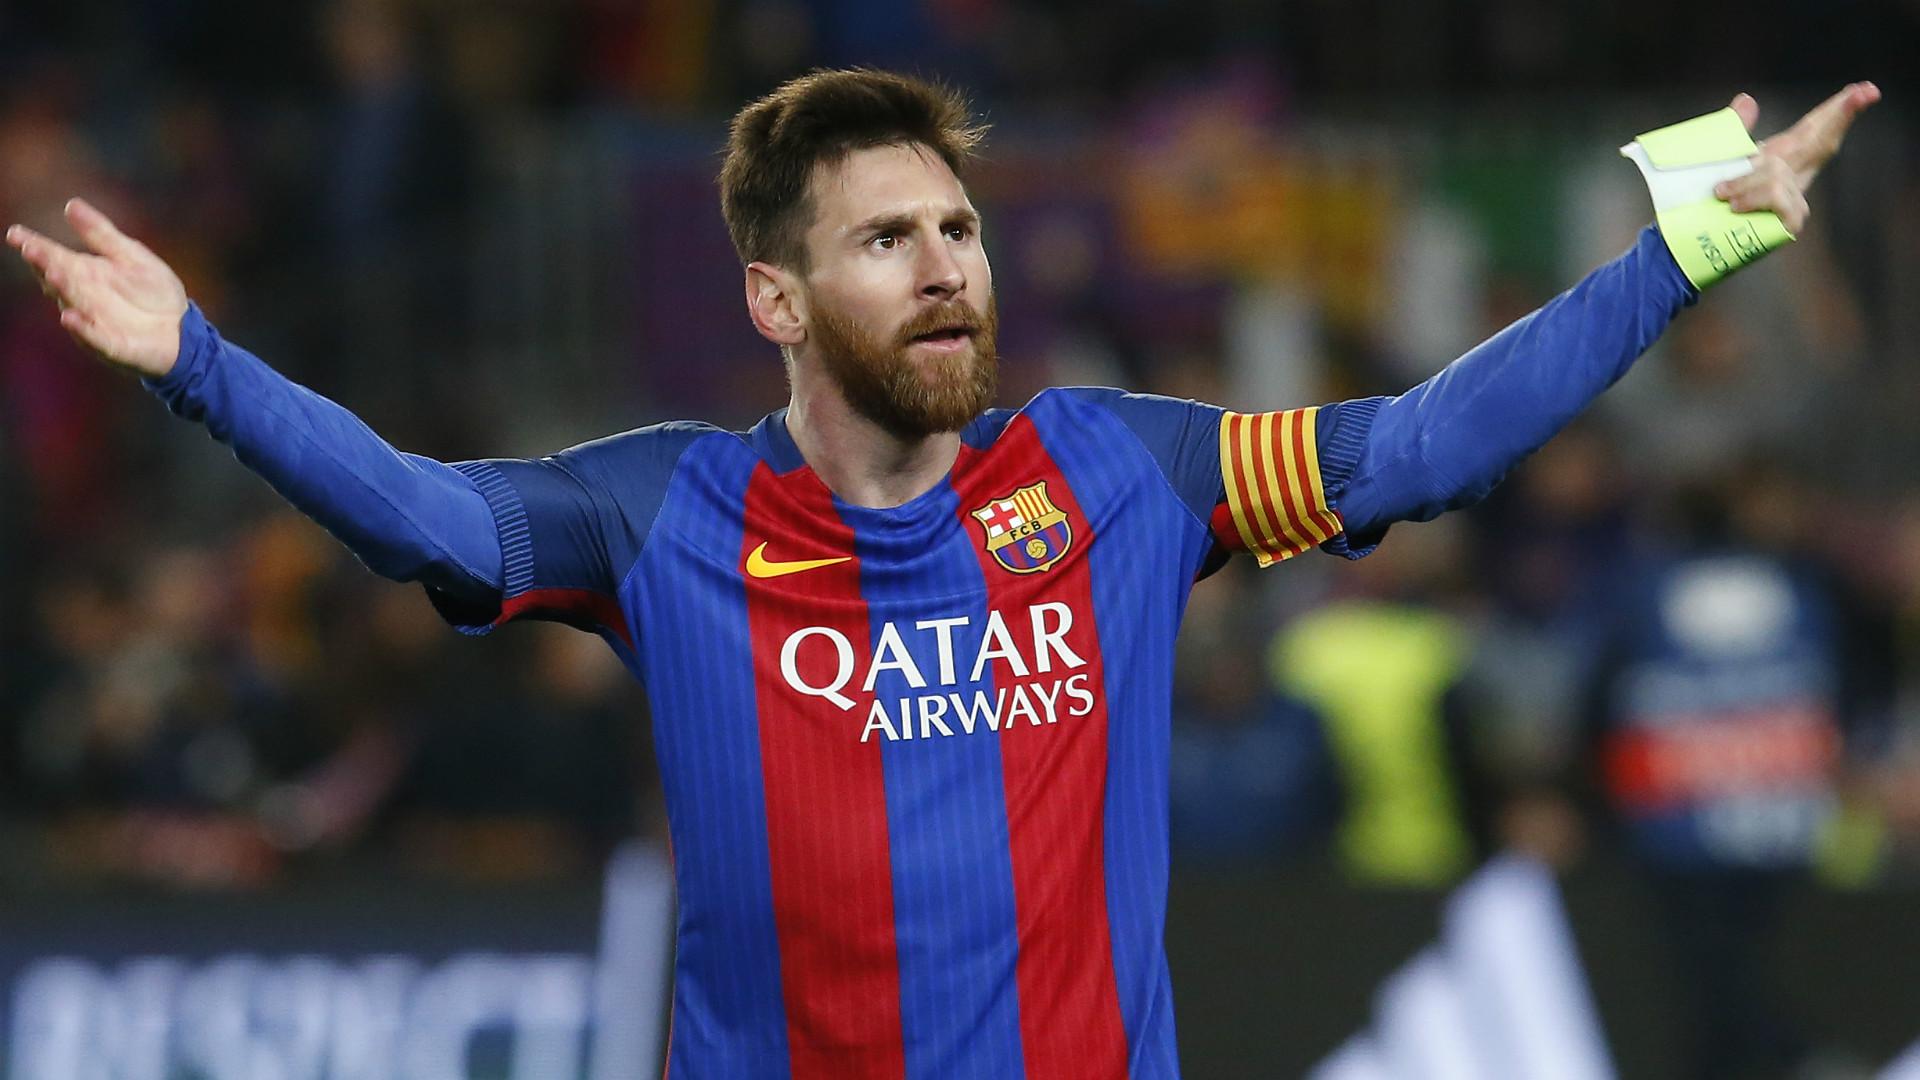 Messi, subito il City poi gli Usa per 700 milioni in 5 anni